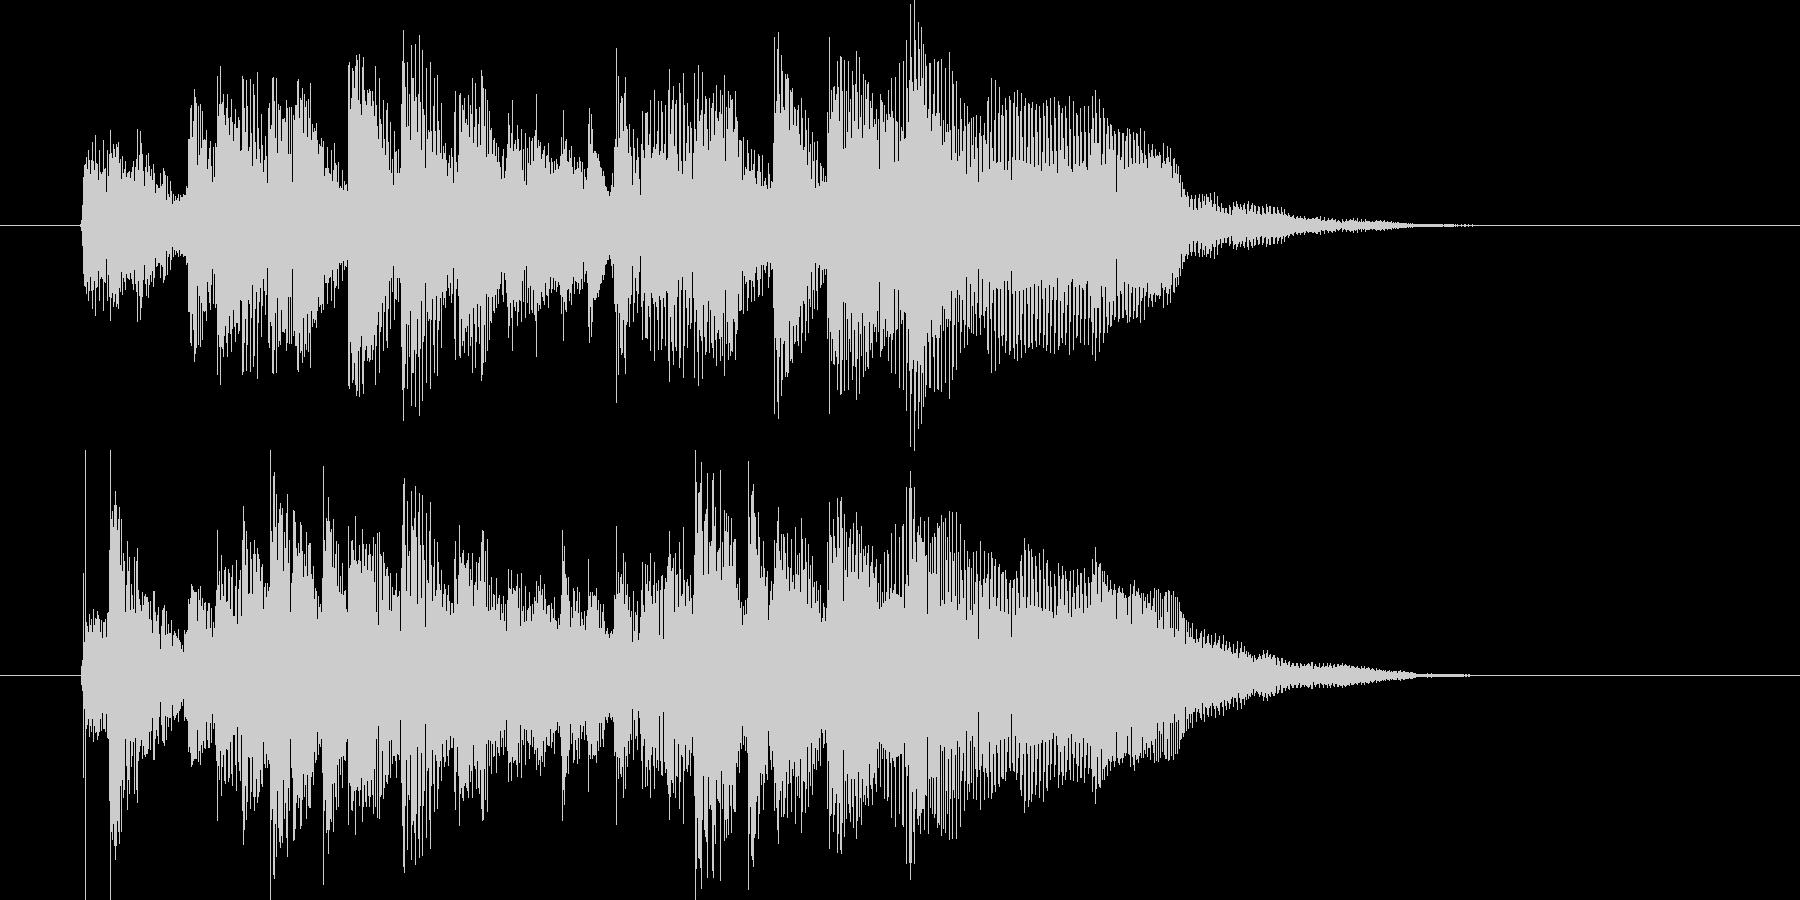 デジタルな音色の民族音楽の未再生の波形